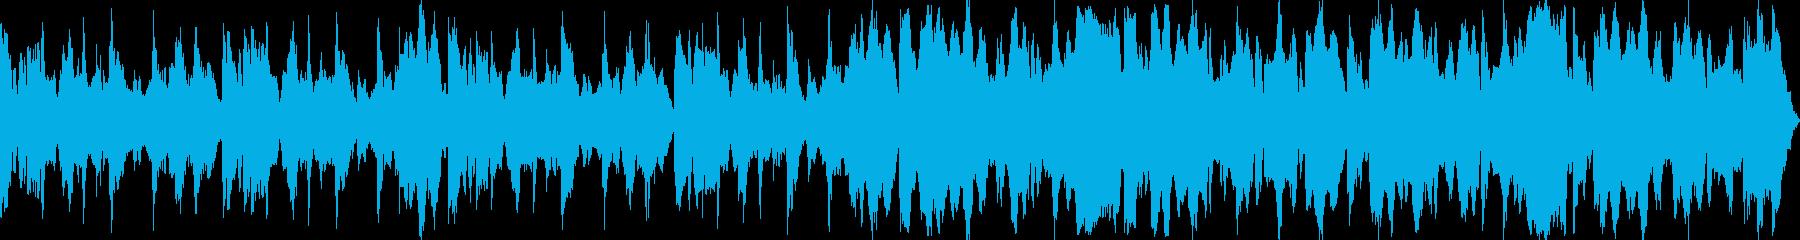 祭り囃子をイメージしたBGM03の再生済みの波形